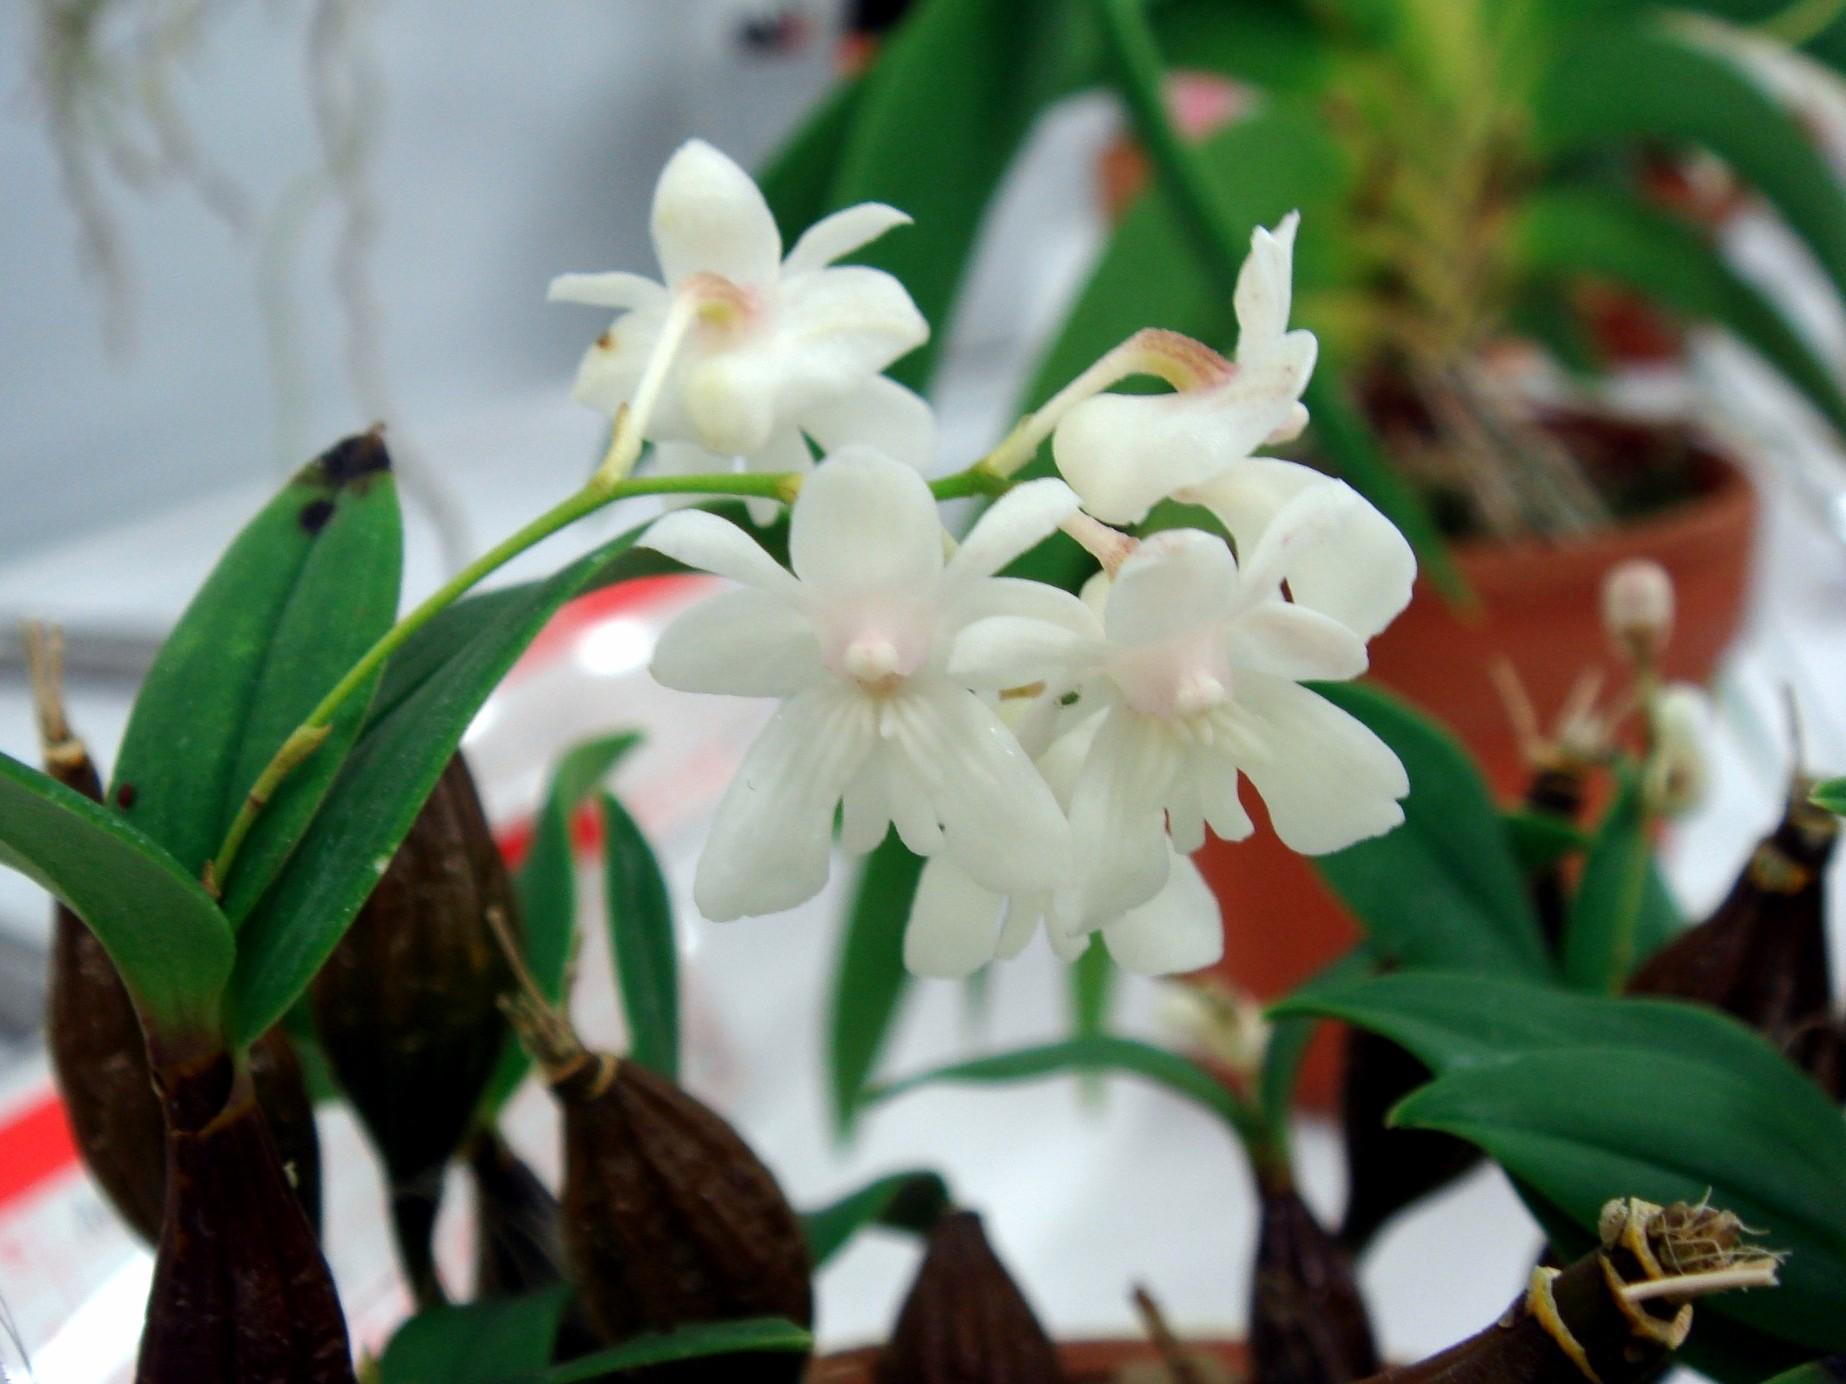 http://orchids.la.coocan.jp/Dendrobium/Dendrobium%20aberrans/DSC07147.JPG